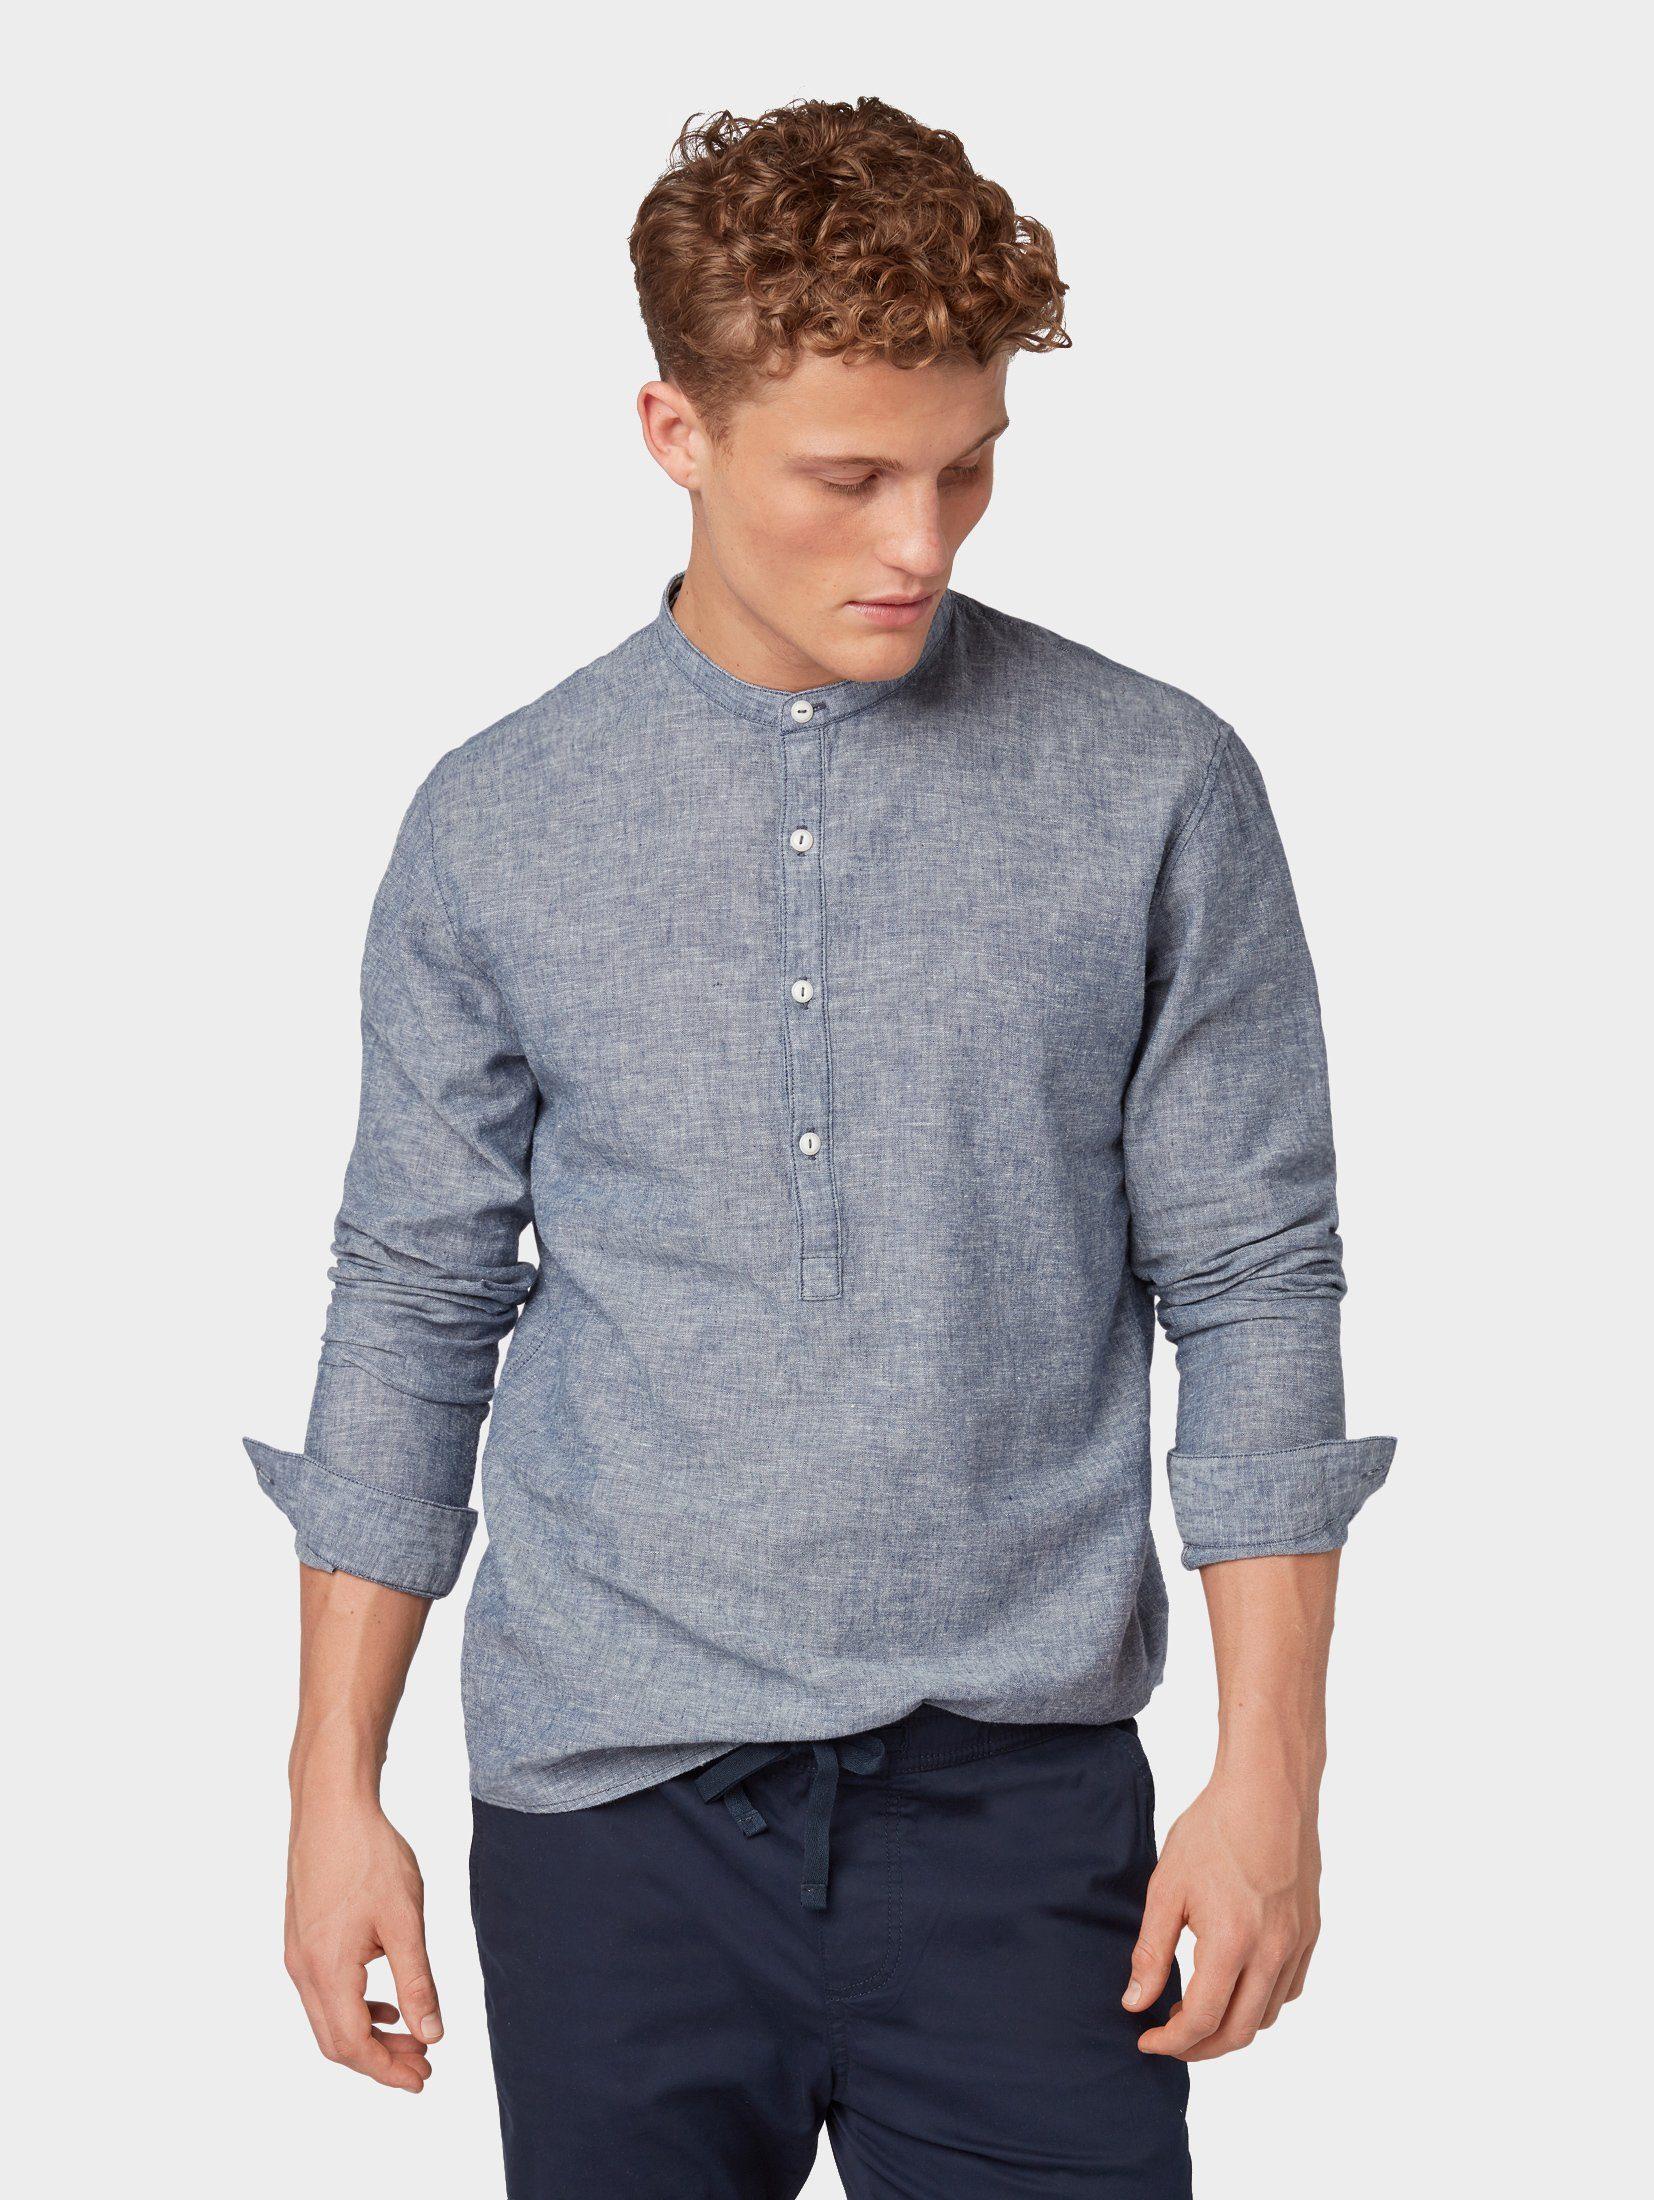 TOM TAILOR Denim Hemd »Shirt mit Henley Ausschnitt« online kaufen | OTTO